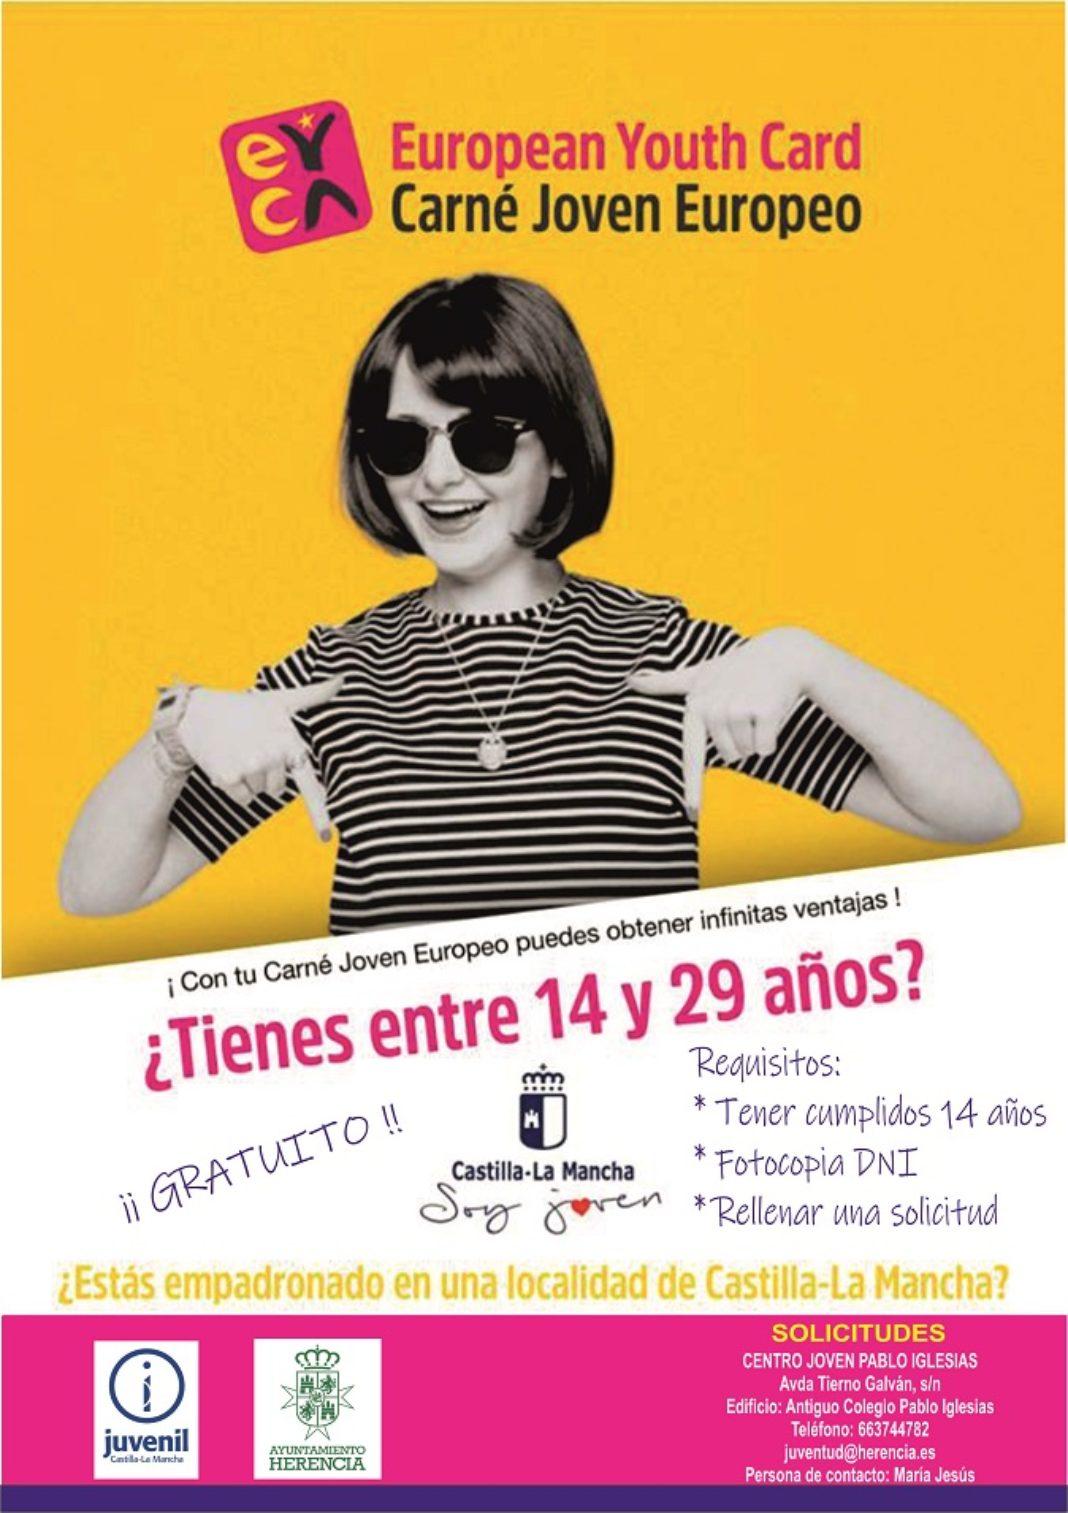 Campaña para el fomento del Carné Joven Europeo 4